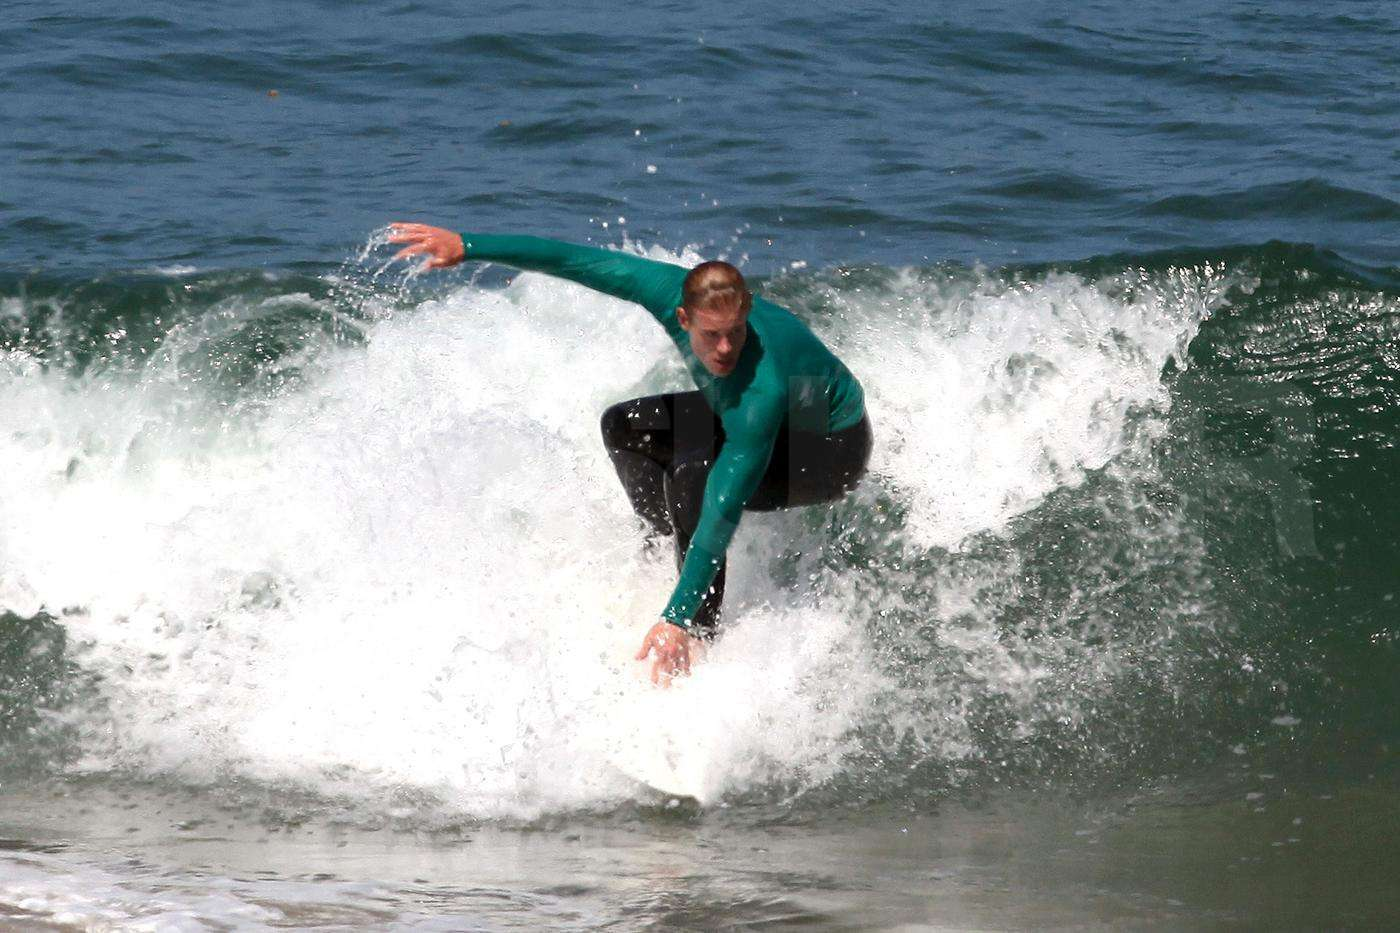 Trevor surfing on set of 90210